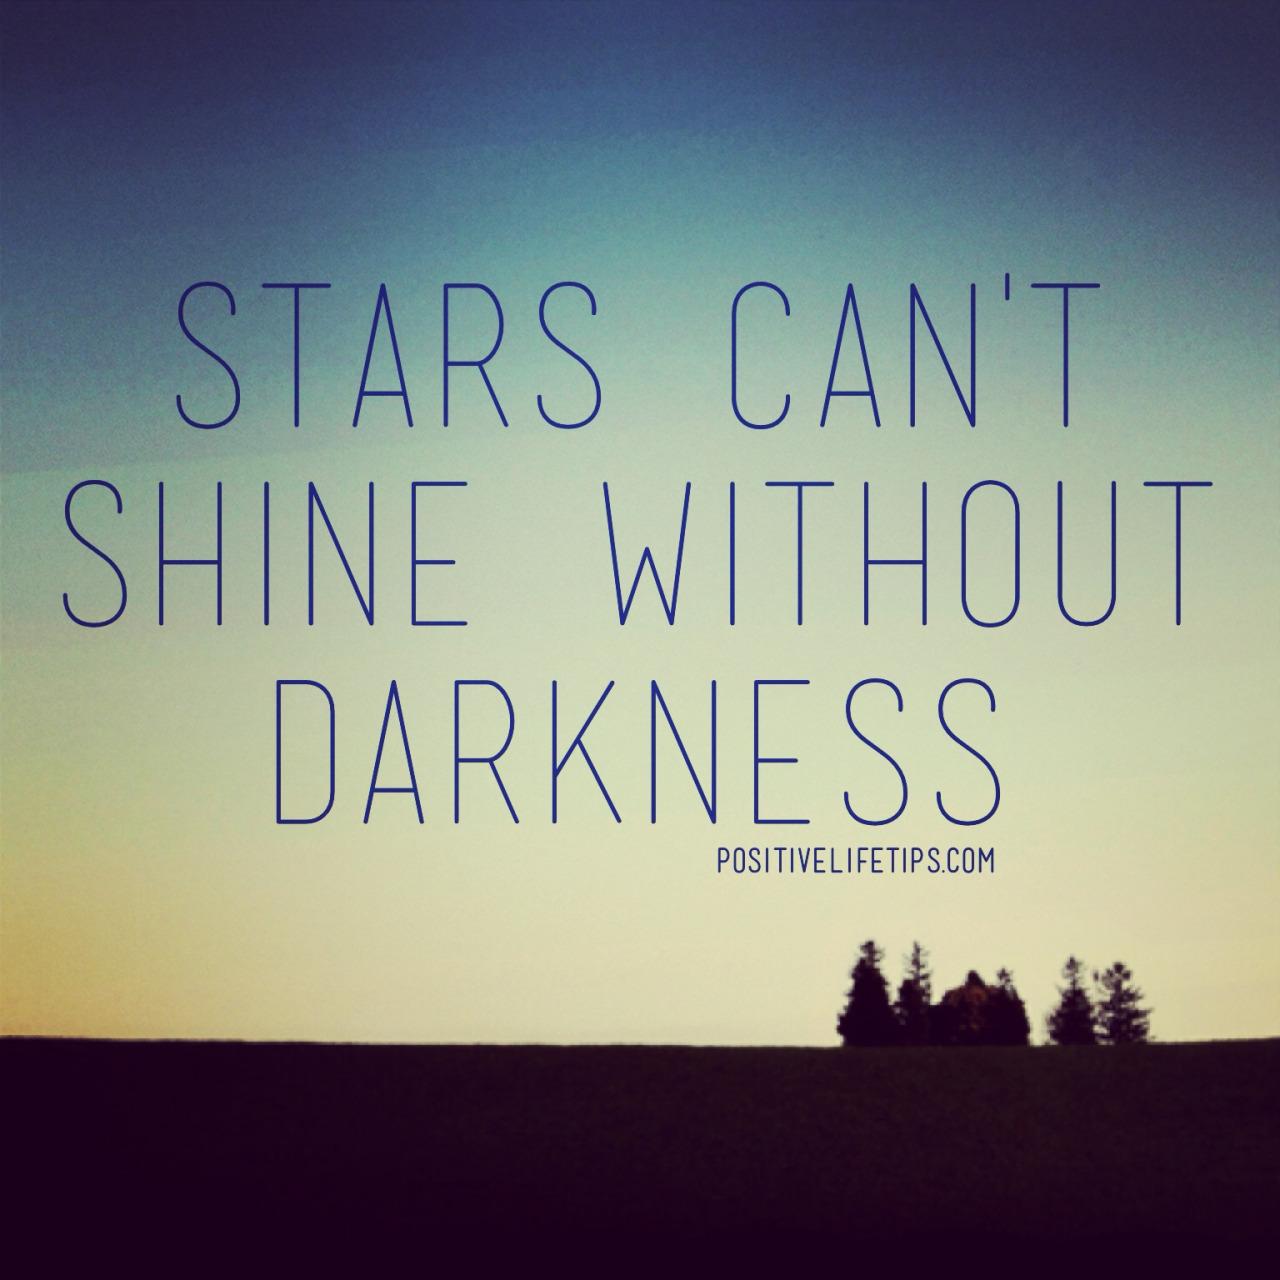 Inspirational Quotes: Go Through Darkness Quotes. QuotesGram